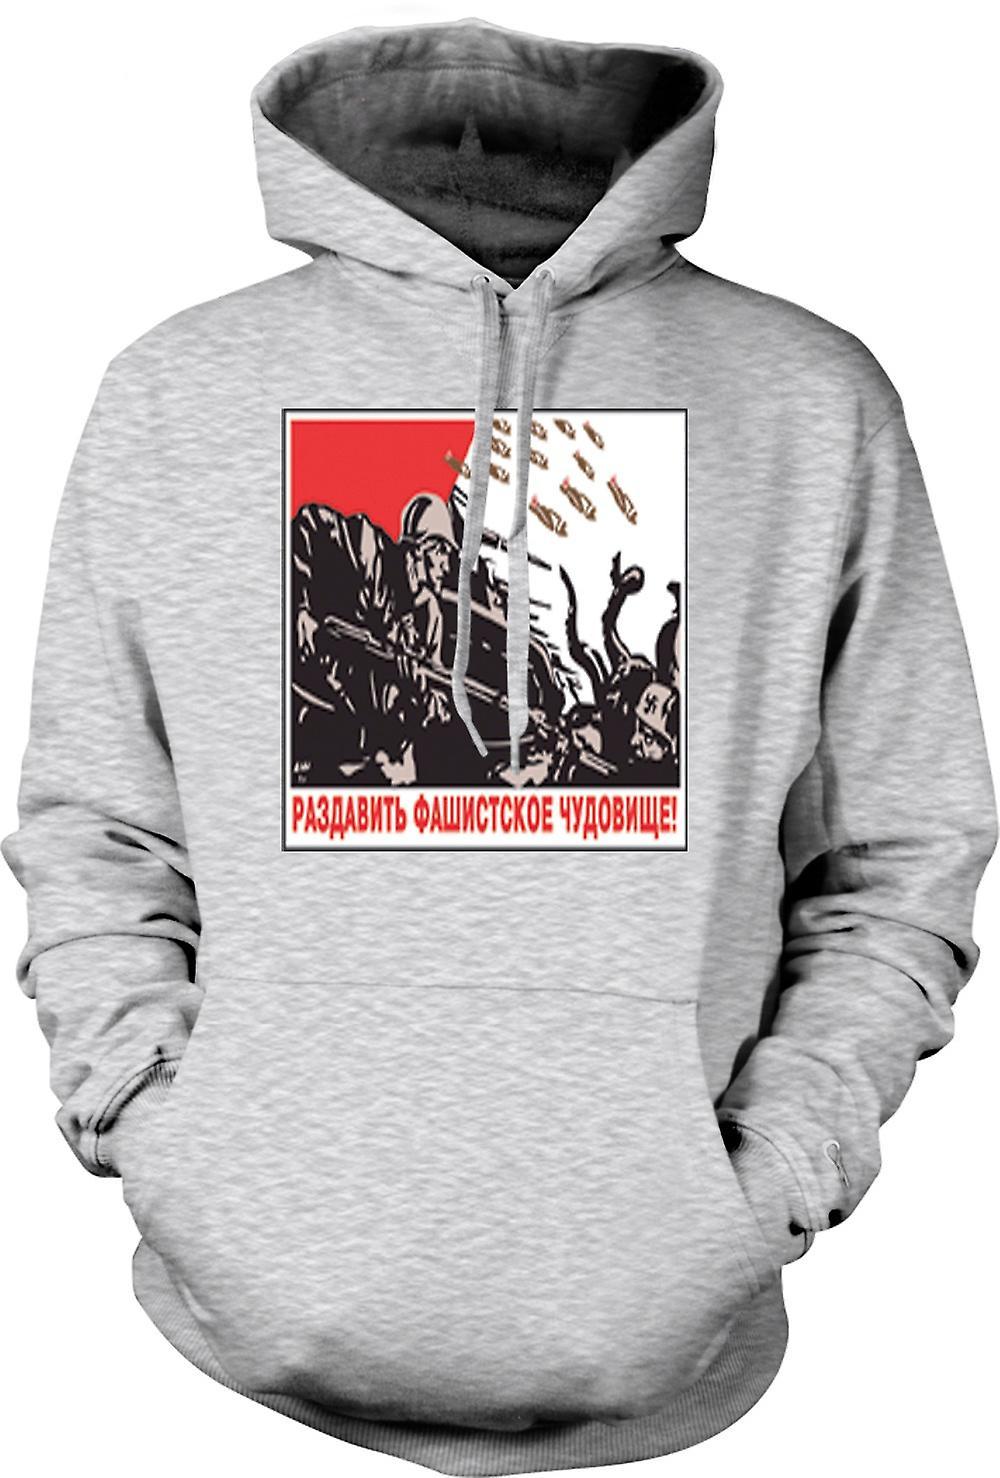 Mens Hoodie - Russian Propoganda War Poster